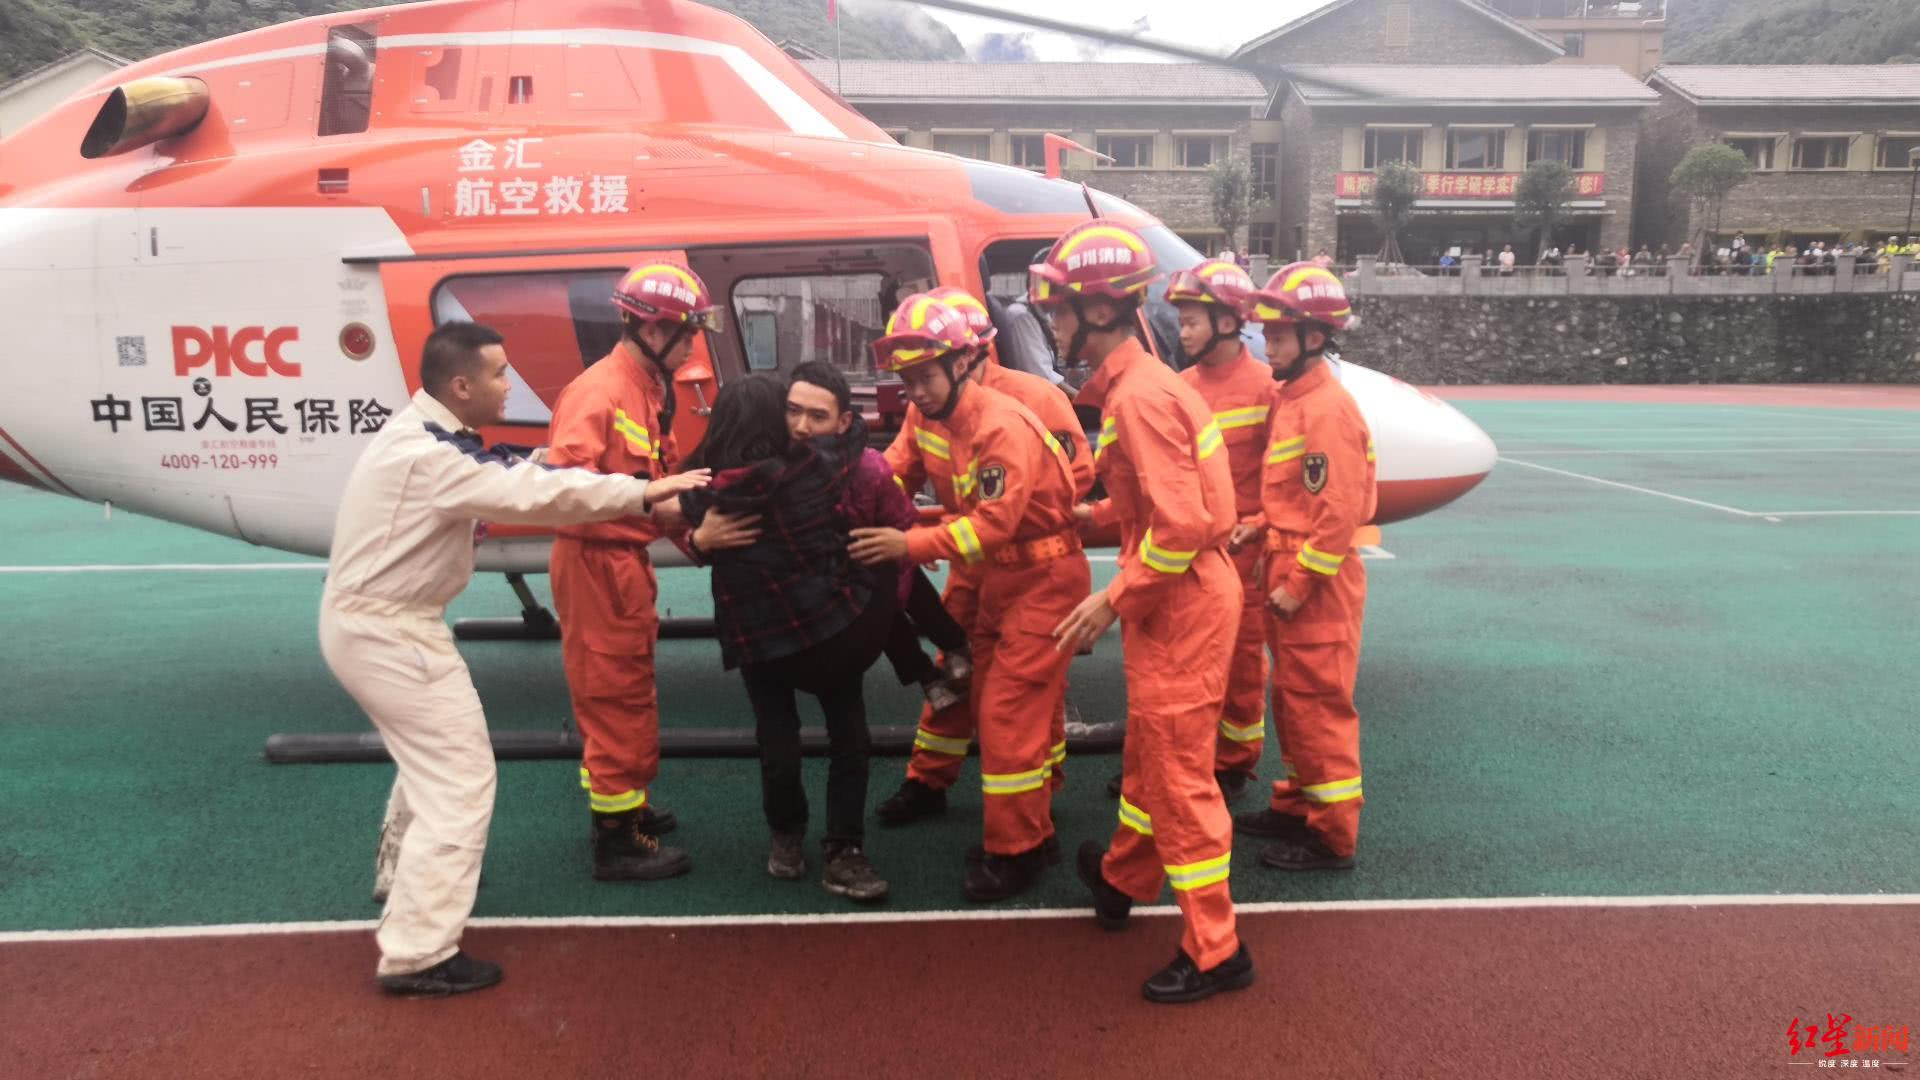 多支力量对耿达镇进行空中救援 转移多名群众